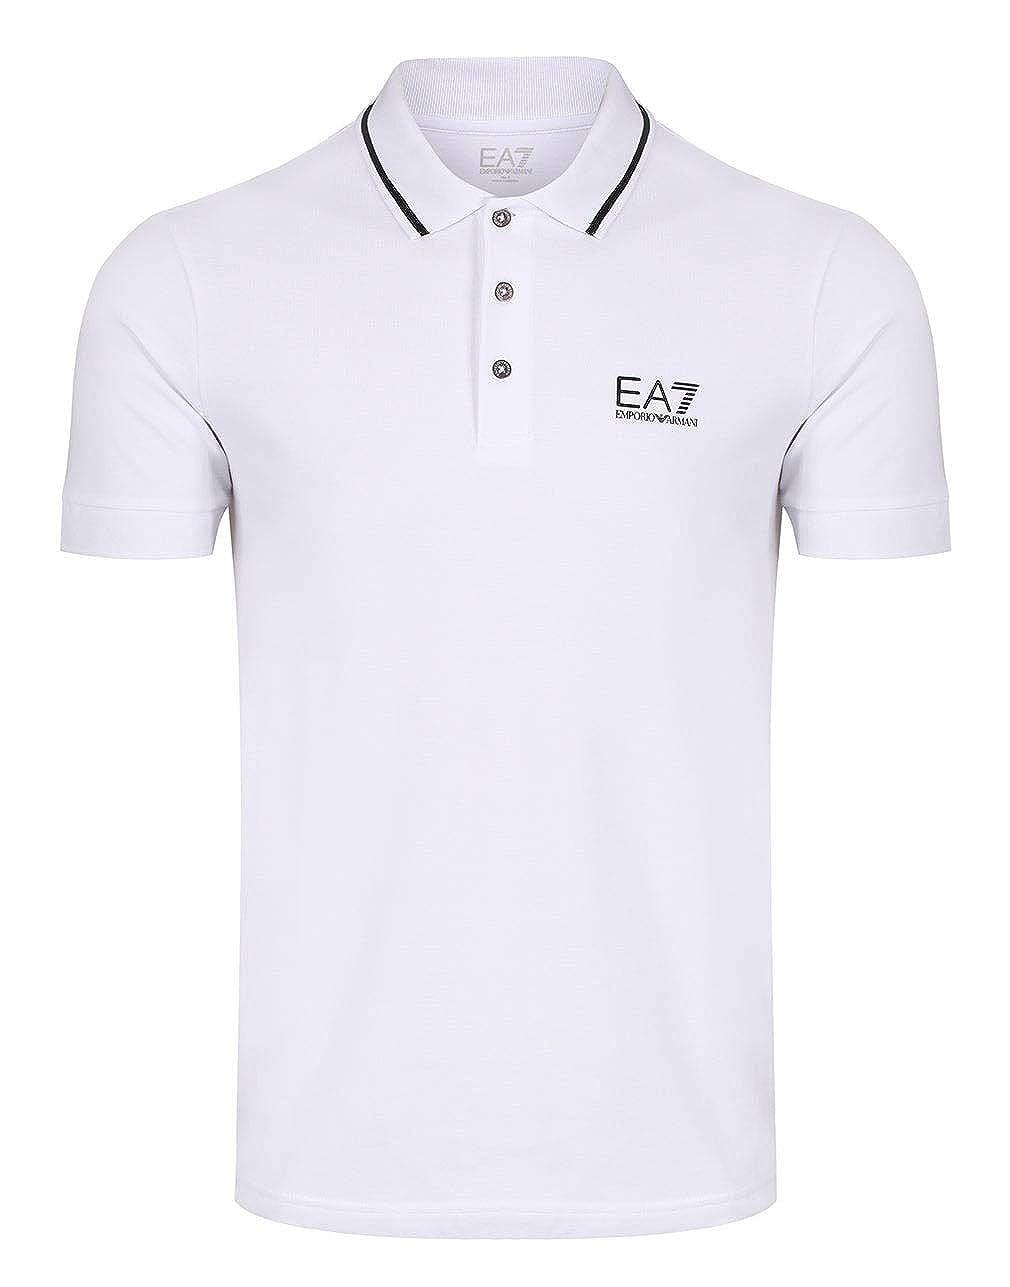 Emporio Armani EA7 Polo Shirt Charcoal: Amazon.es: Deportes y aire ...